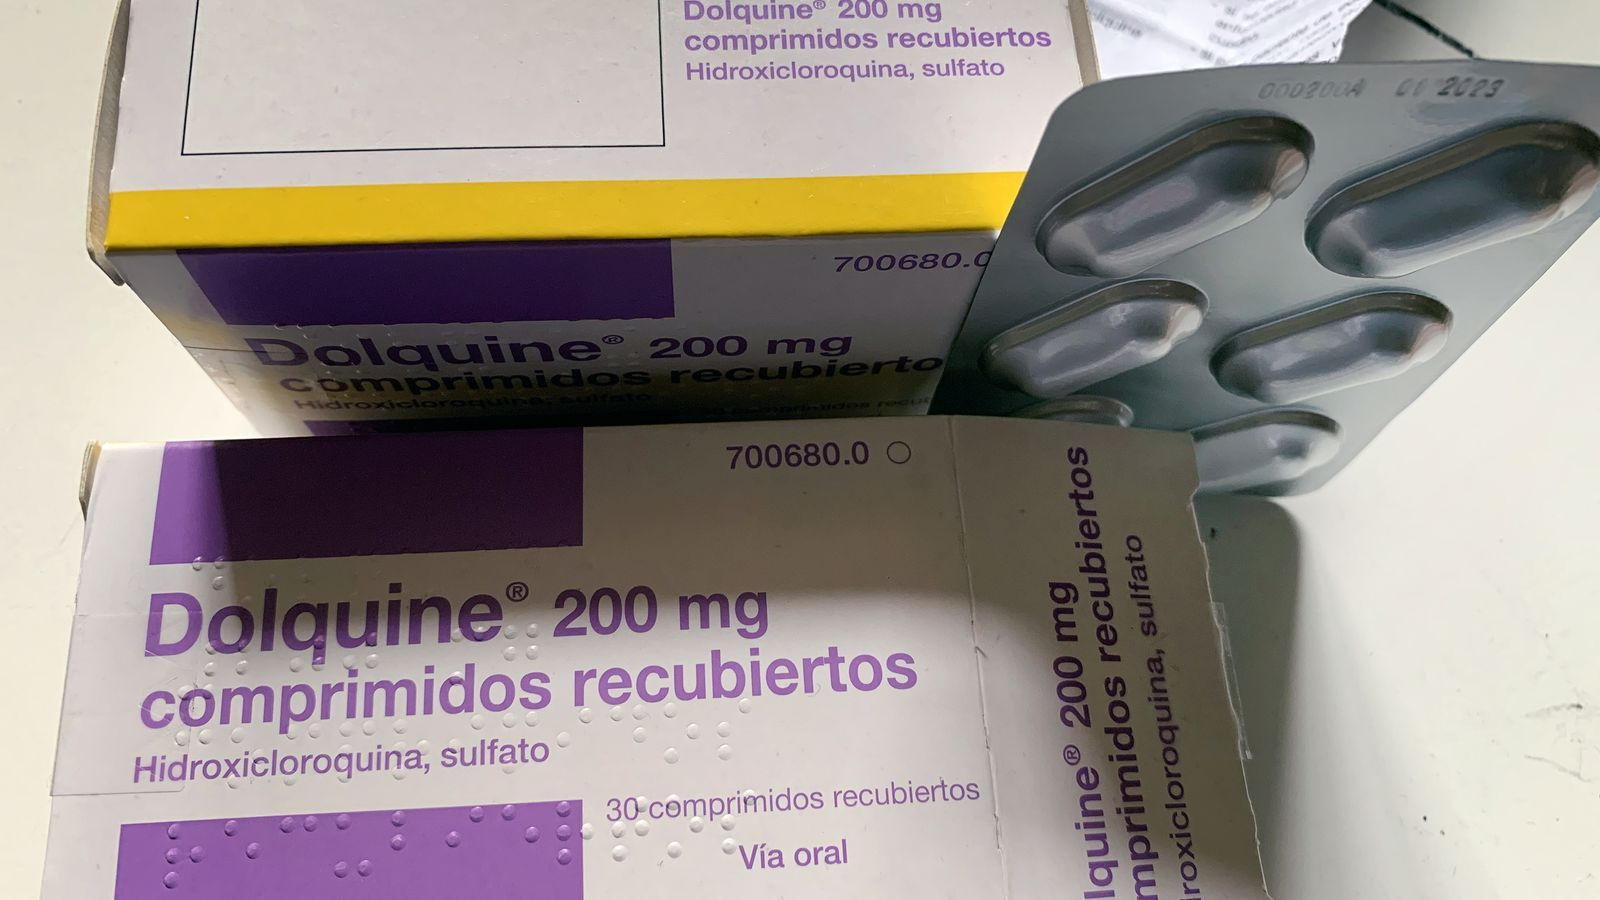 Caixes d' hidroxicloroquina, fàrmac usat per tractar el civid-19